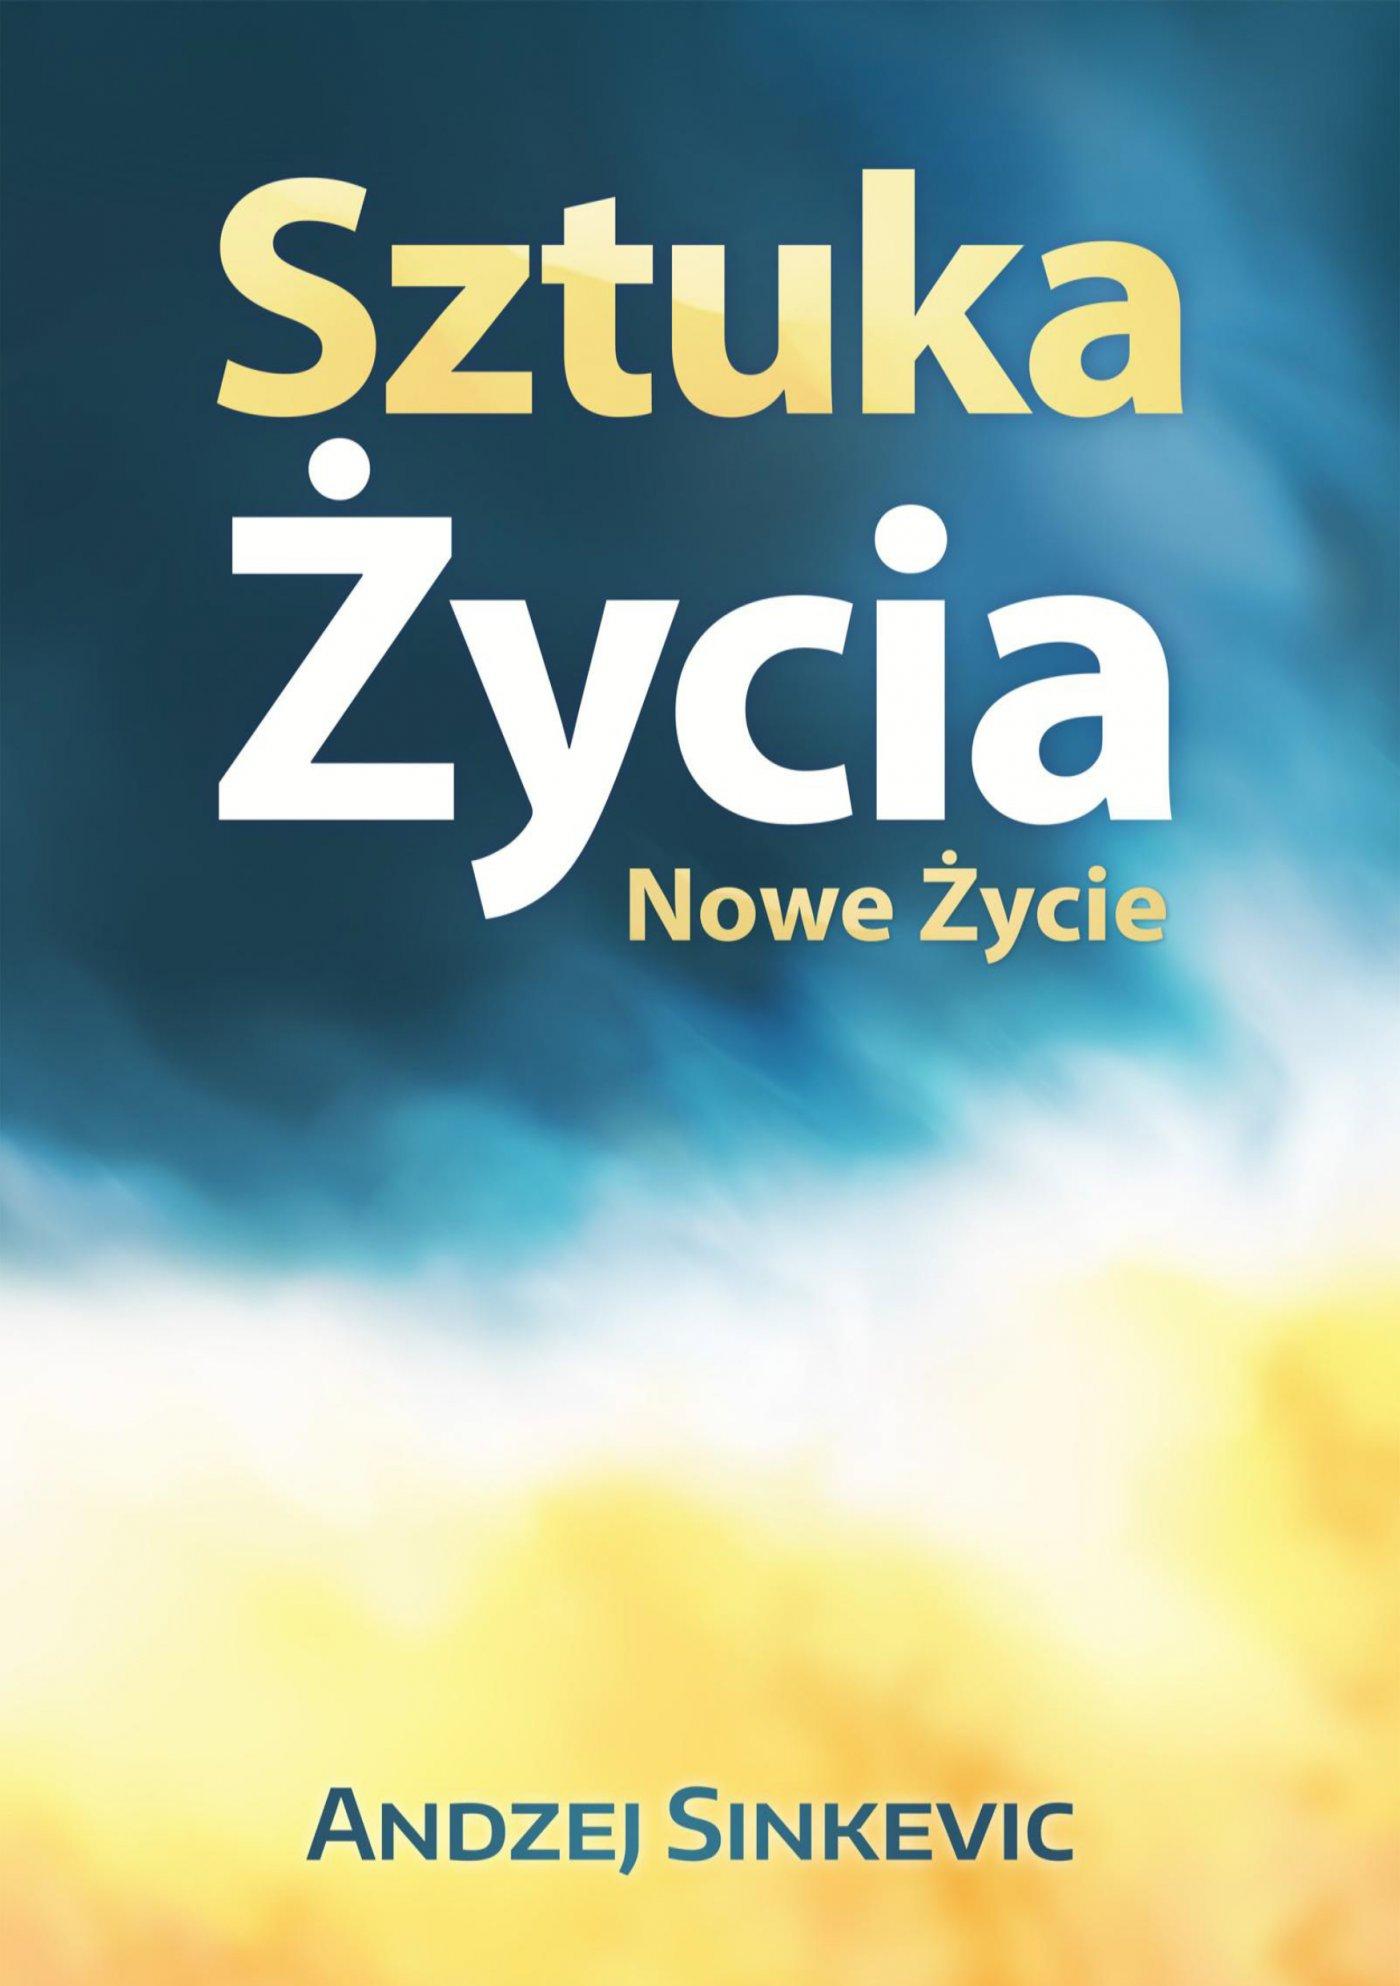 Sztuka Życia, Nowe Życie - Ebook (Książka na Kindle) do pobrania w formacie MOBI